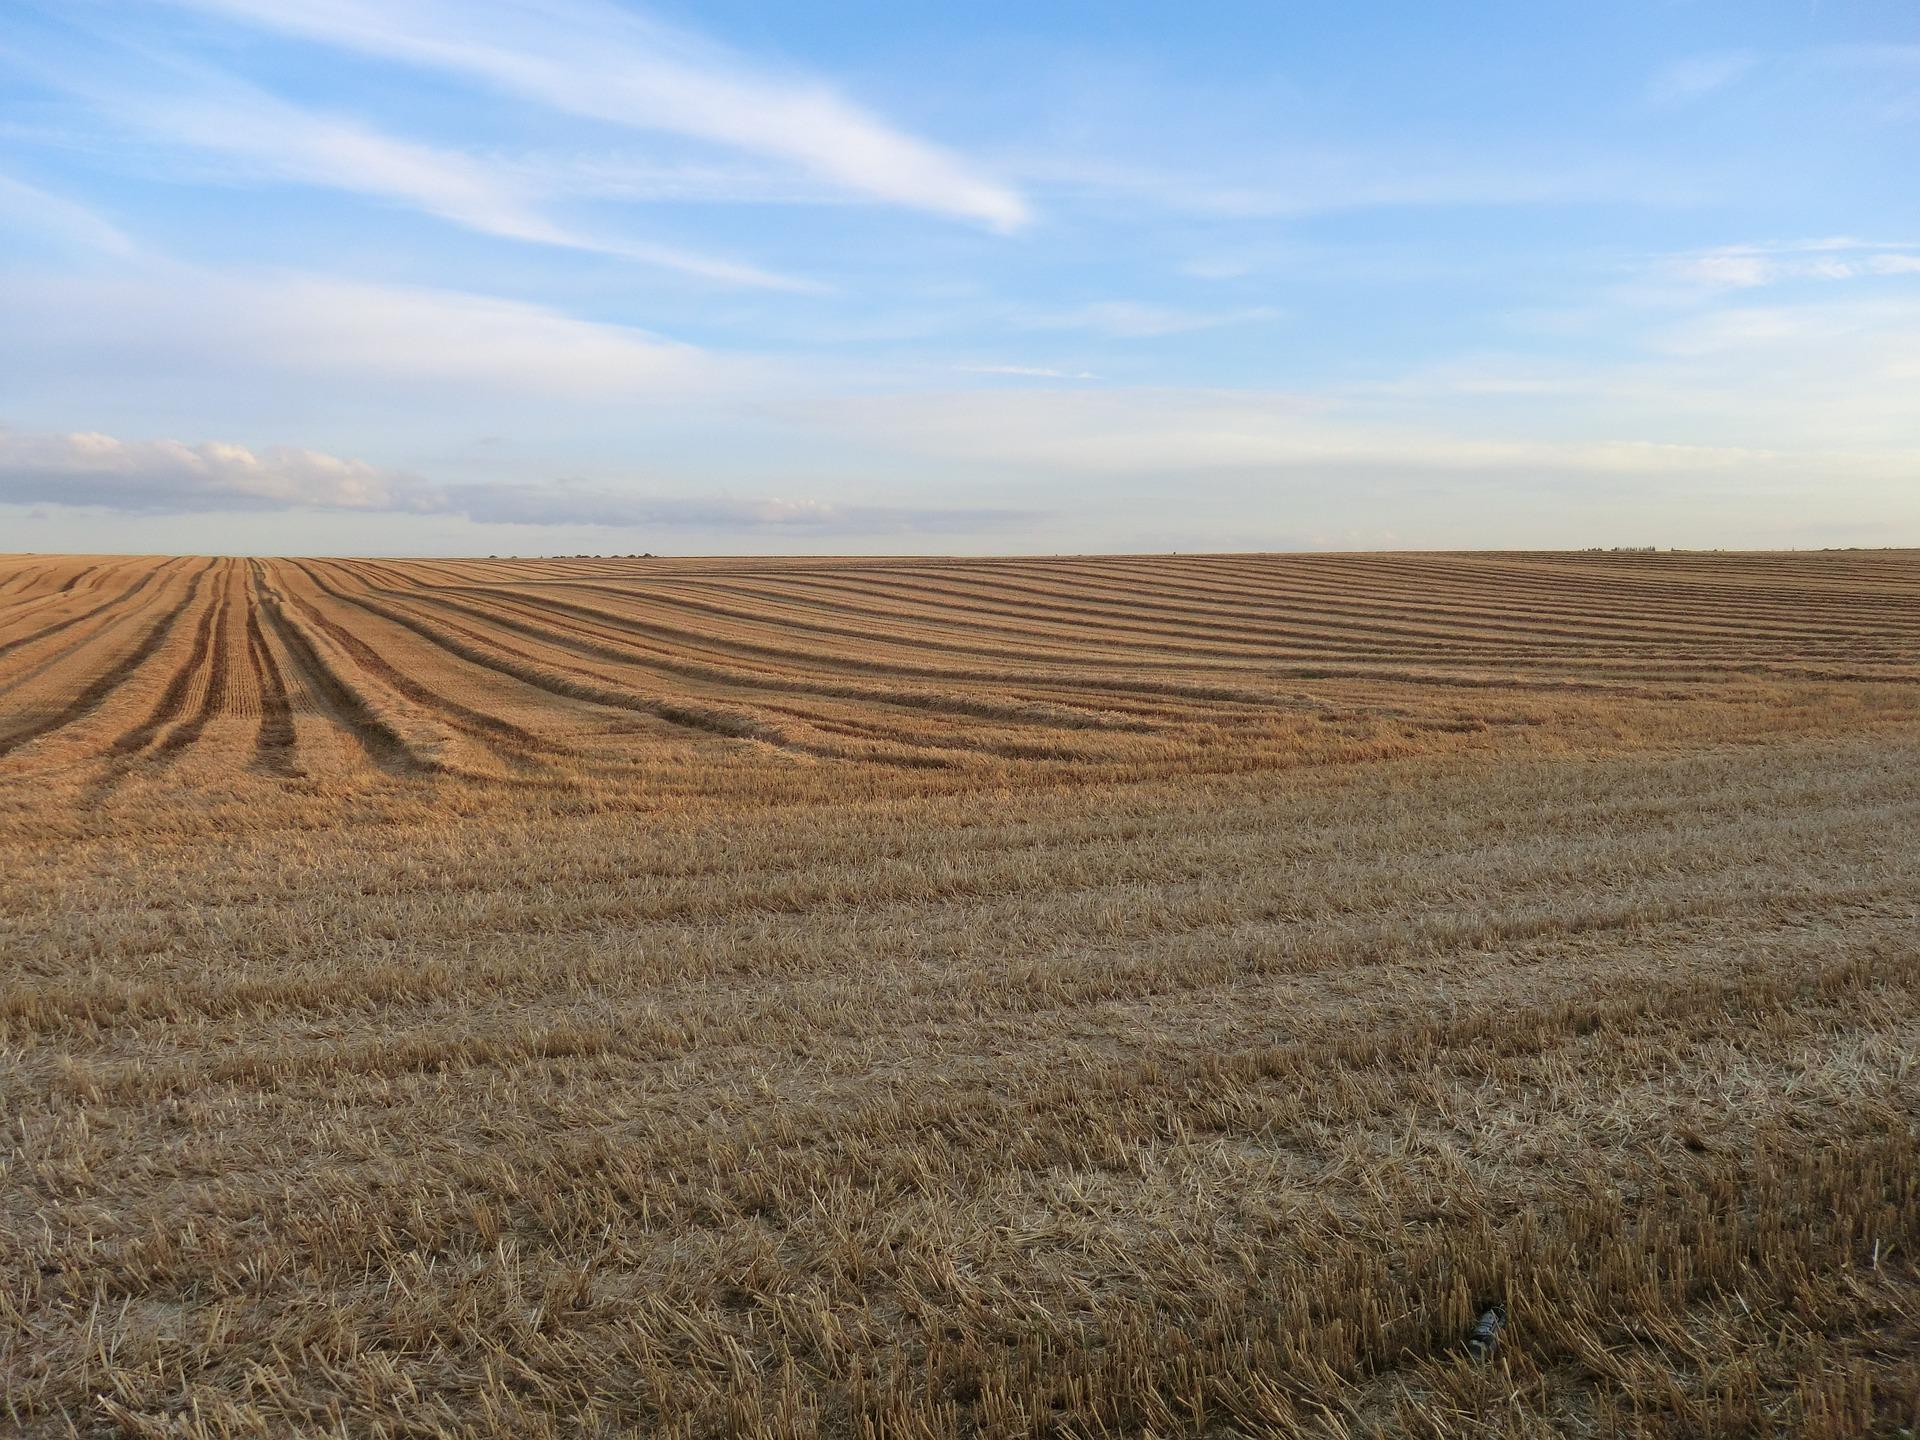 Sikeres volt idén is az agrártámogatás